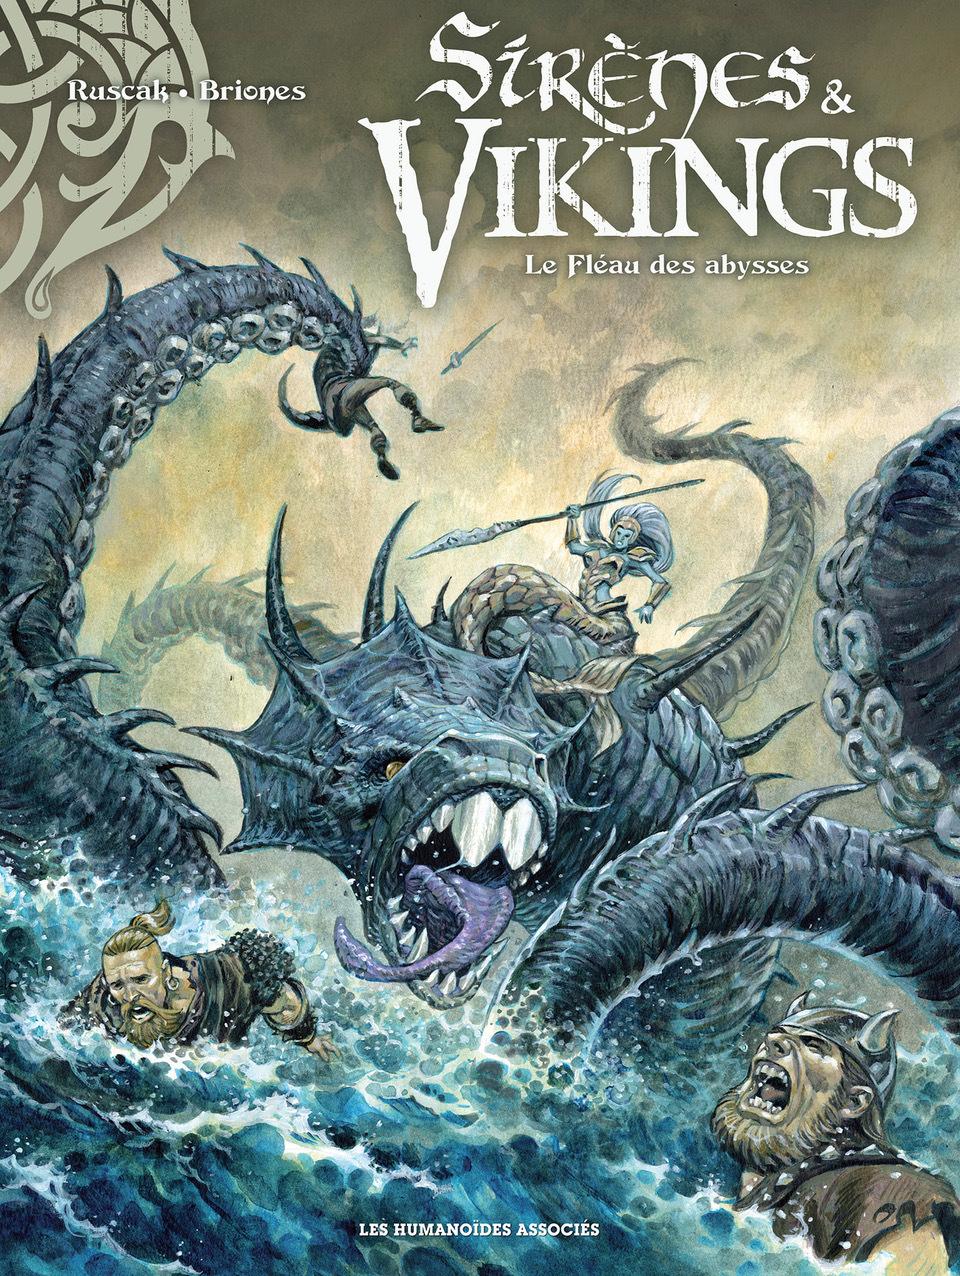 Sirènes et vikings 1 - Le fléau des abysses